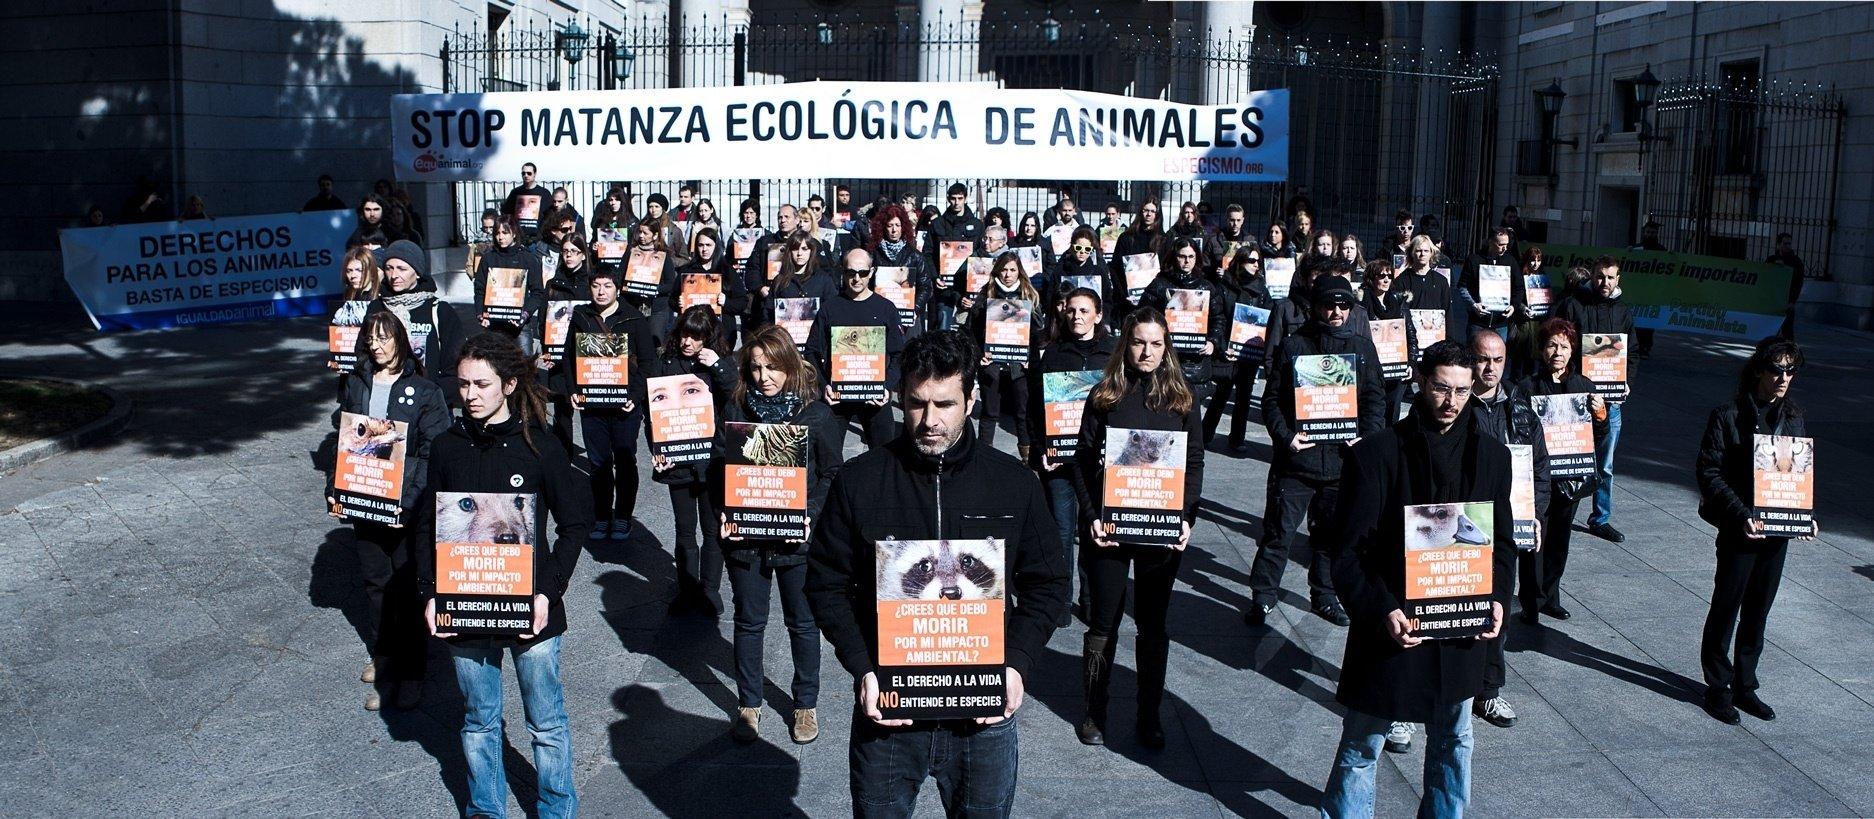 Un centenar de personas se manifiestan en Madrid para protestar contra el exterminio legal de animales «invasores»